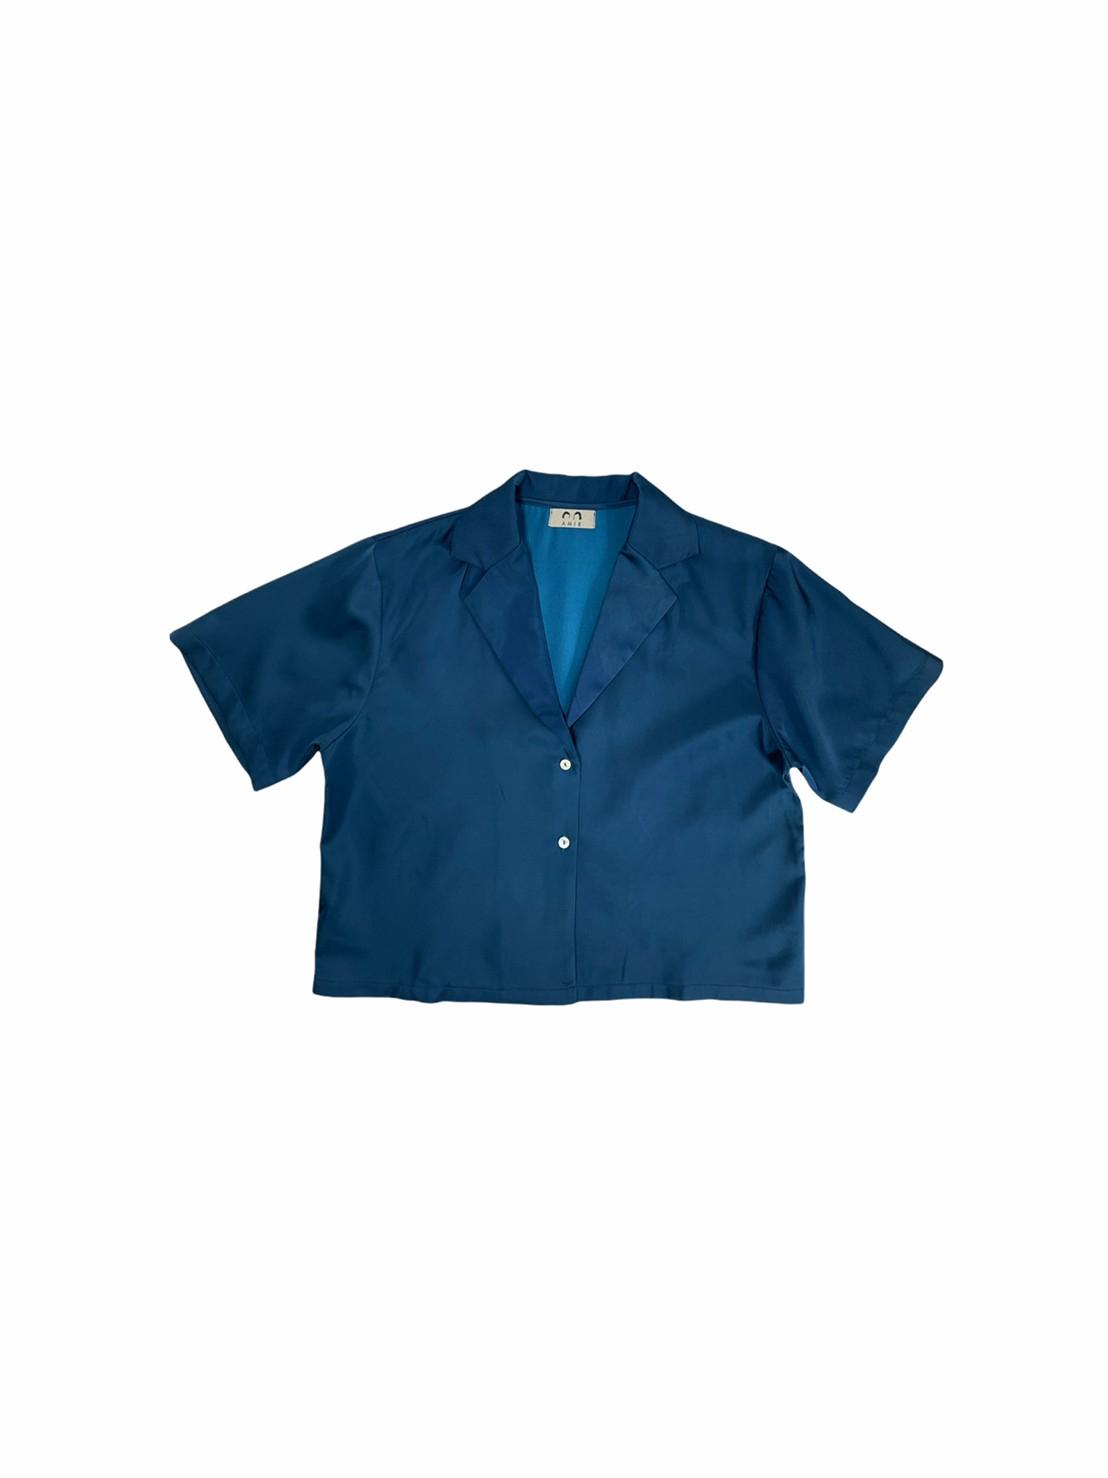 AMIE bestie shirt